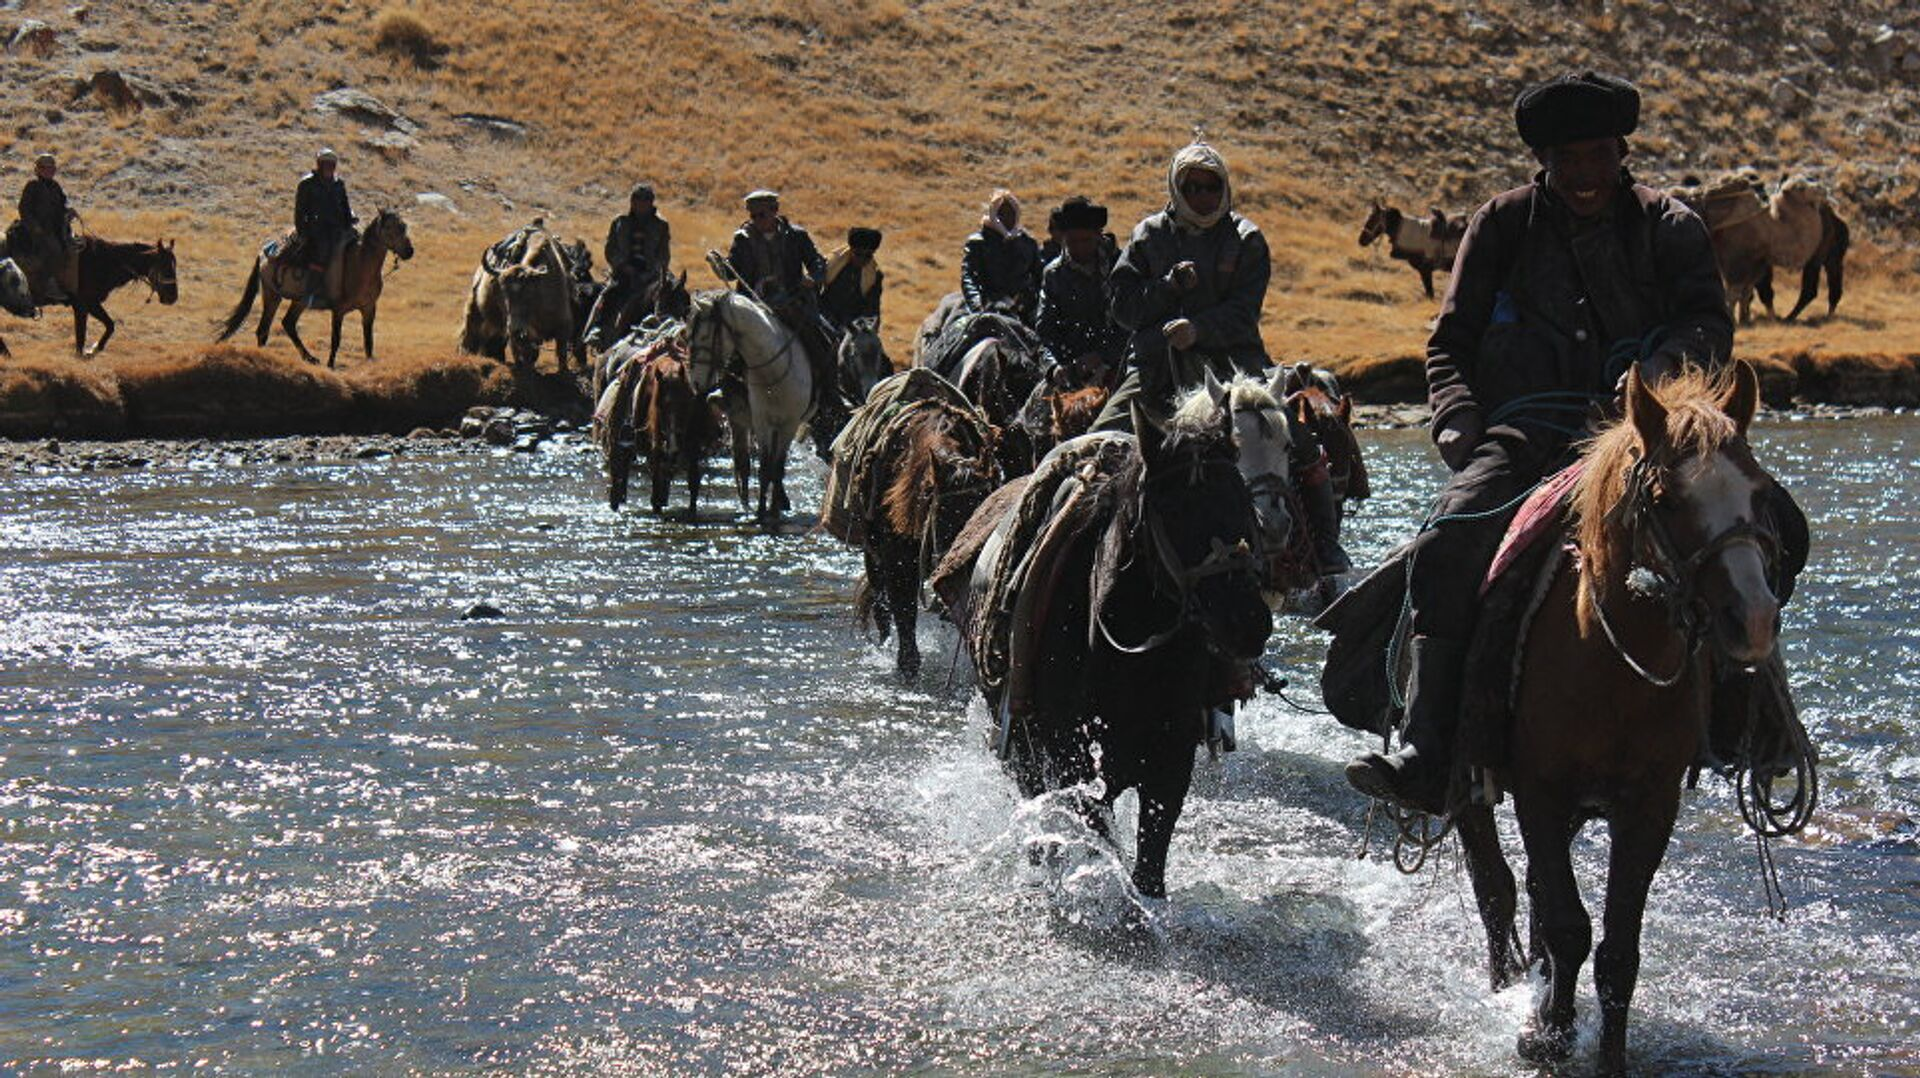 Памирские кыргызы, архивное фото - Sputnik Таджикистан, 1920, 14.07.2021